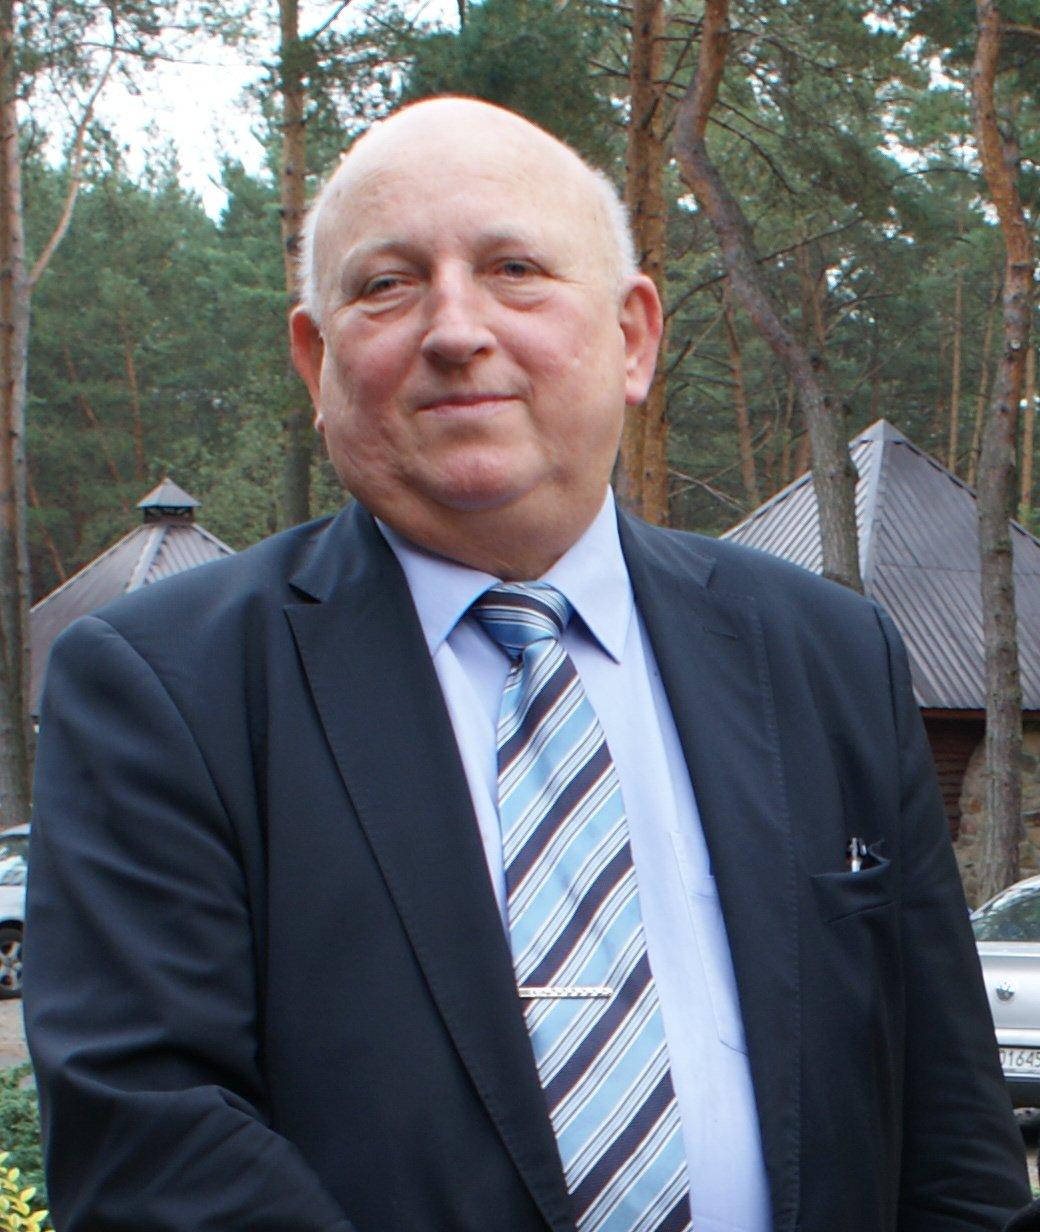 Oleksy. Kaczyński i Majdan kłodą Unii Euroazjatyckiej